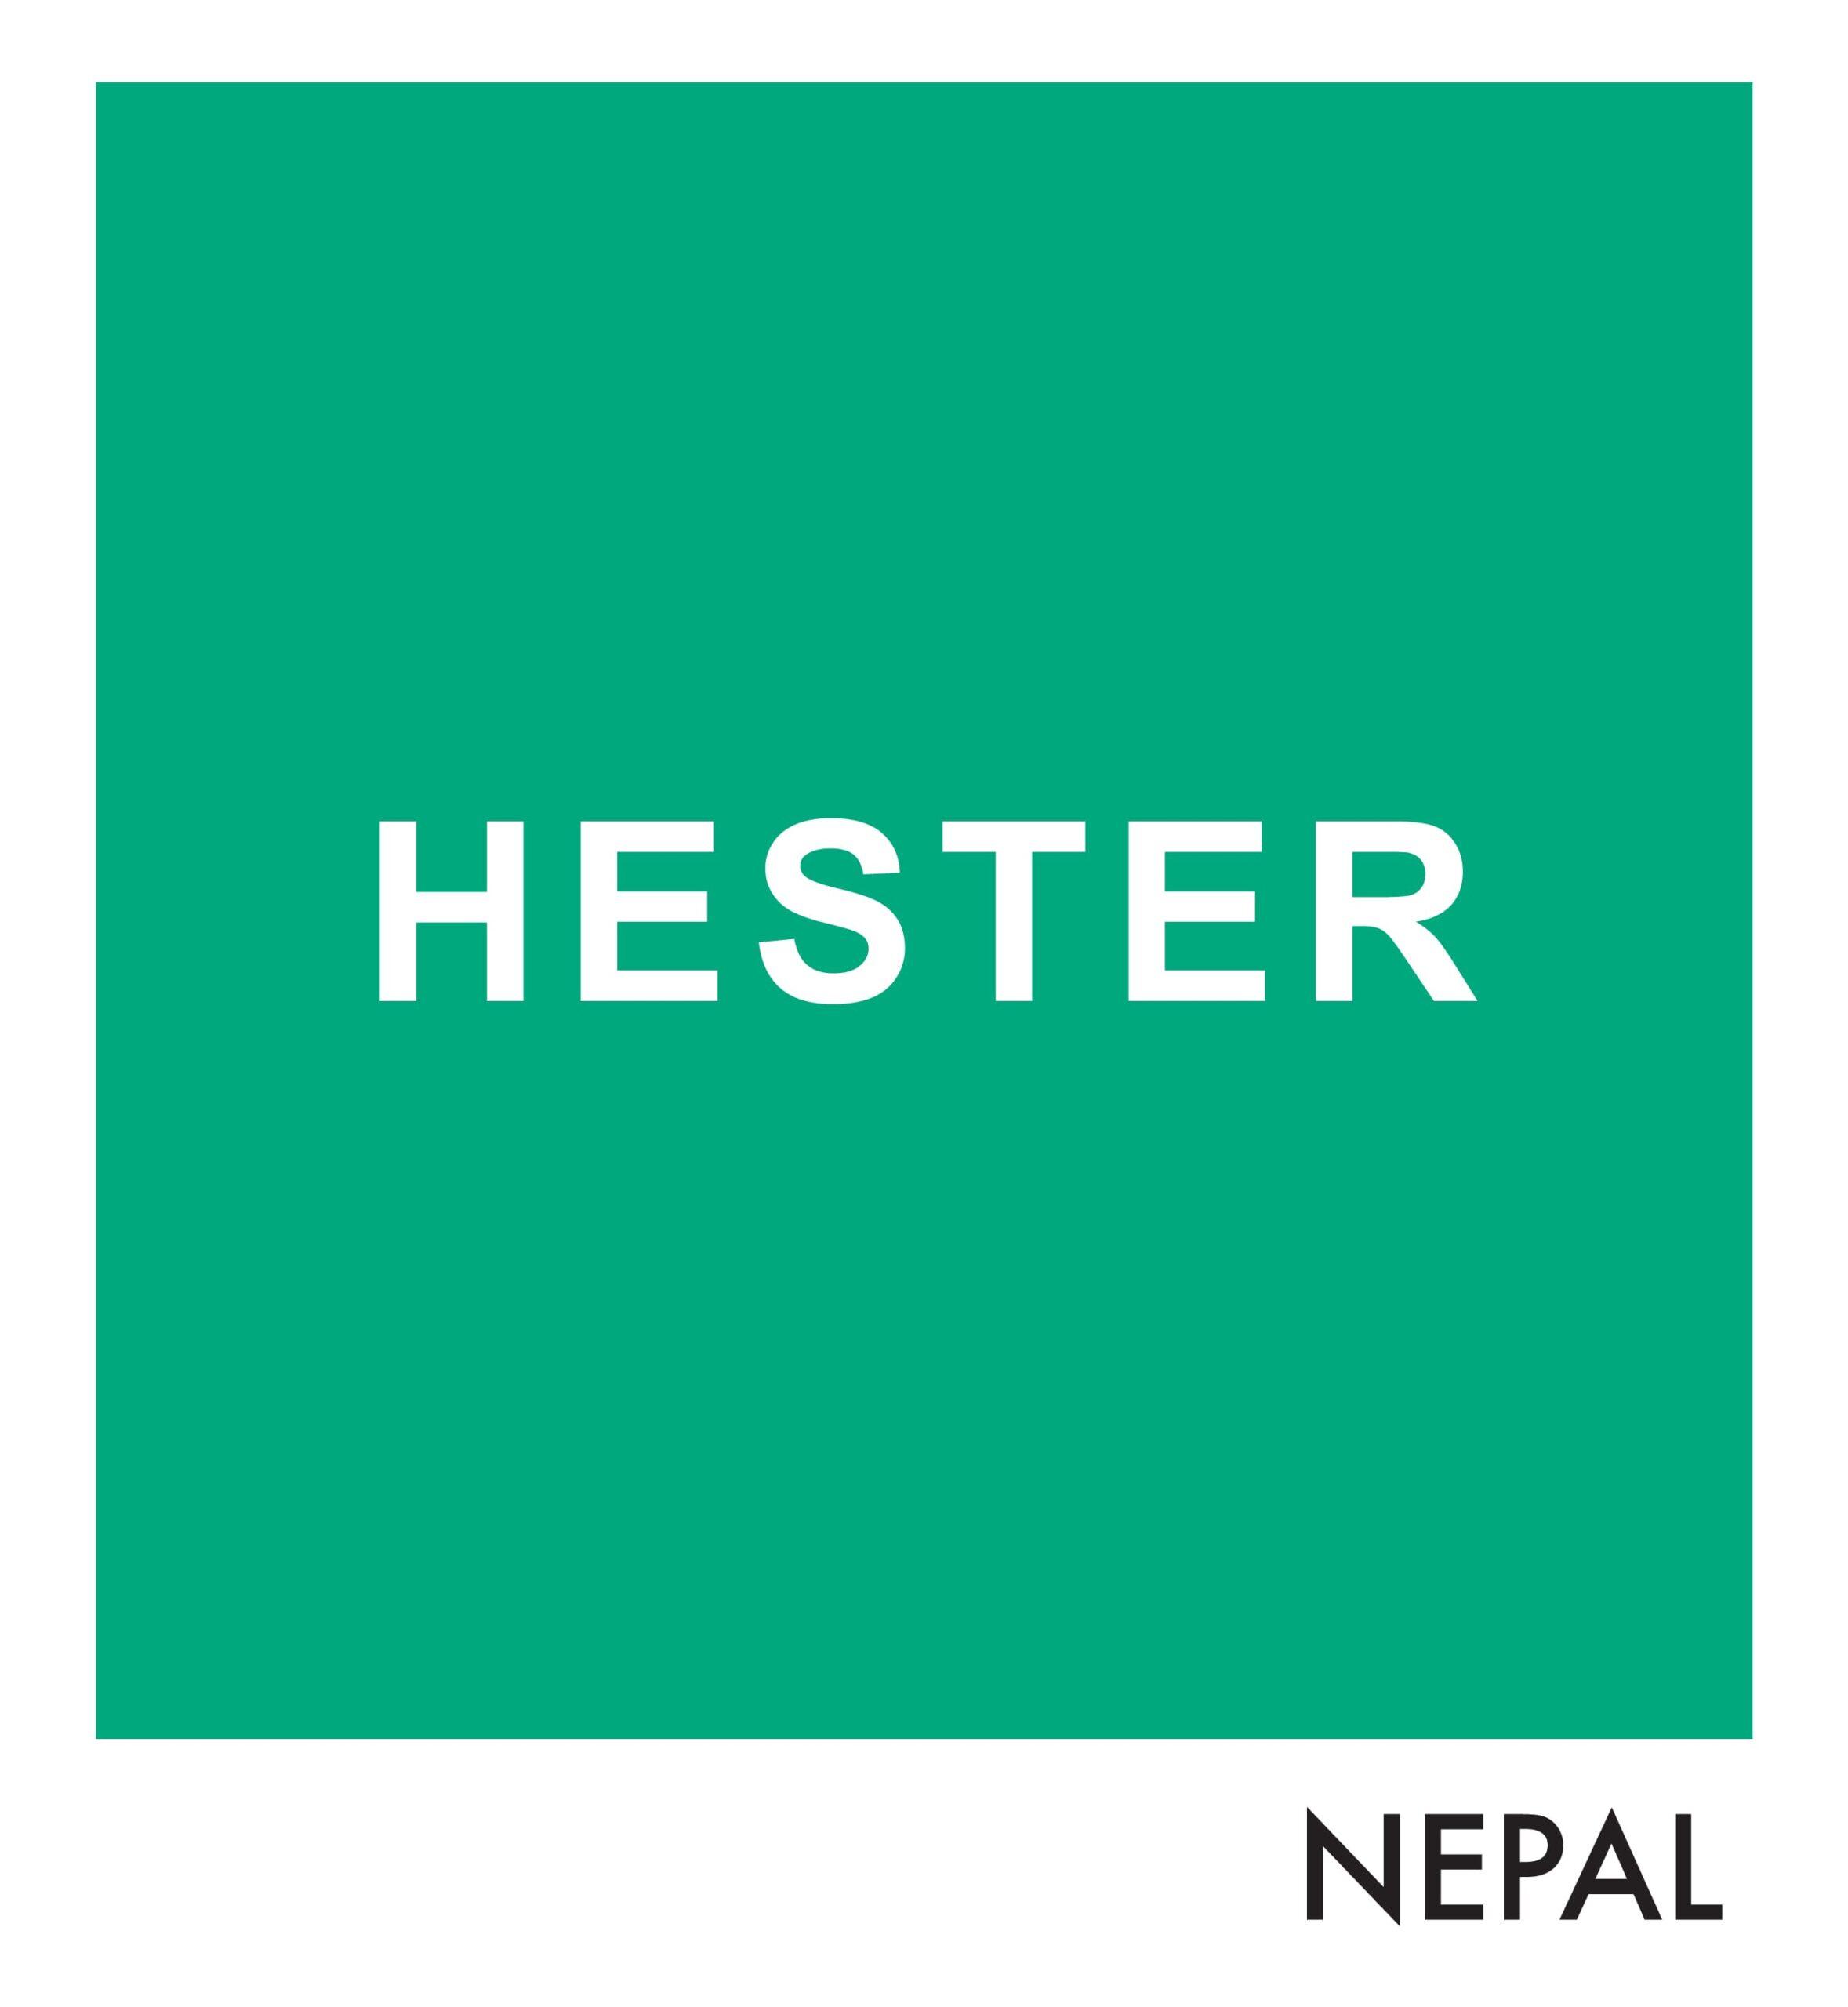 Hester Nepal